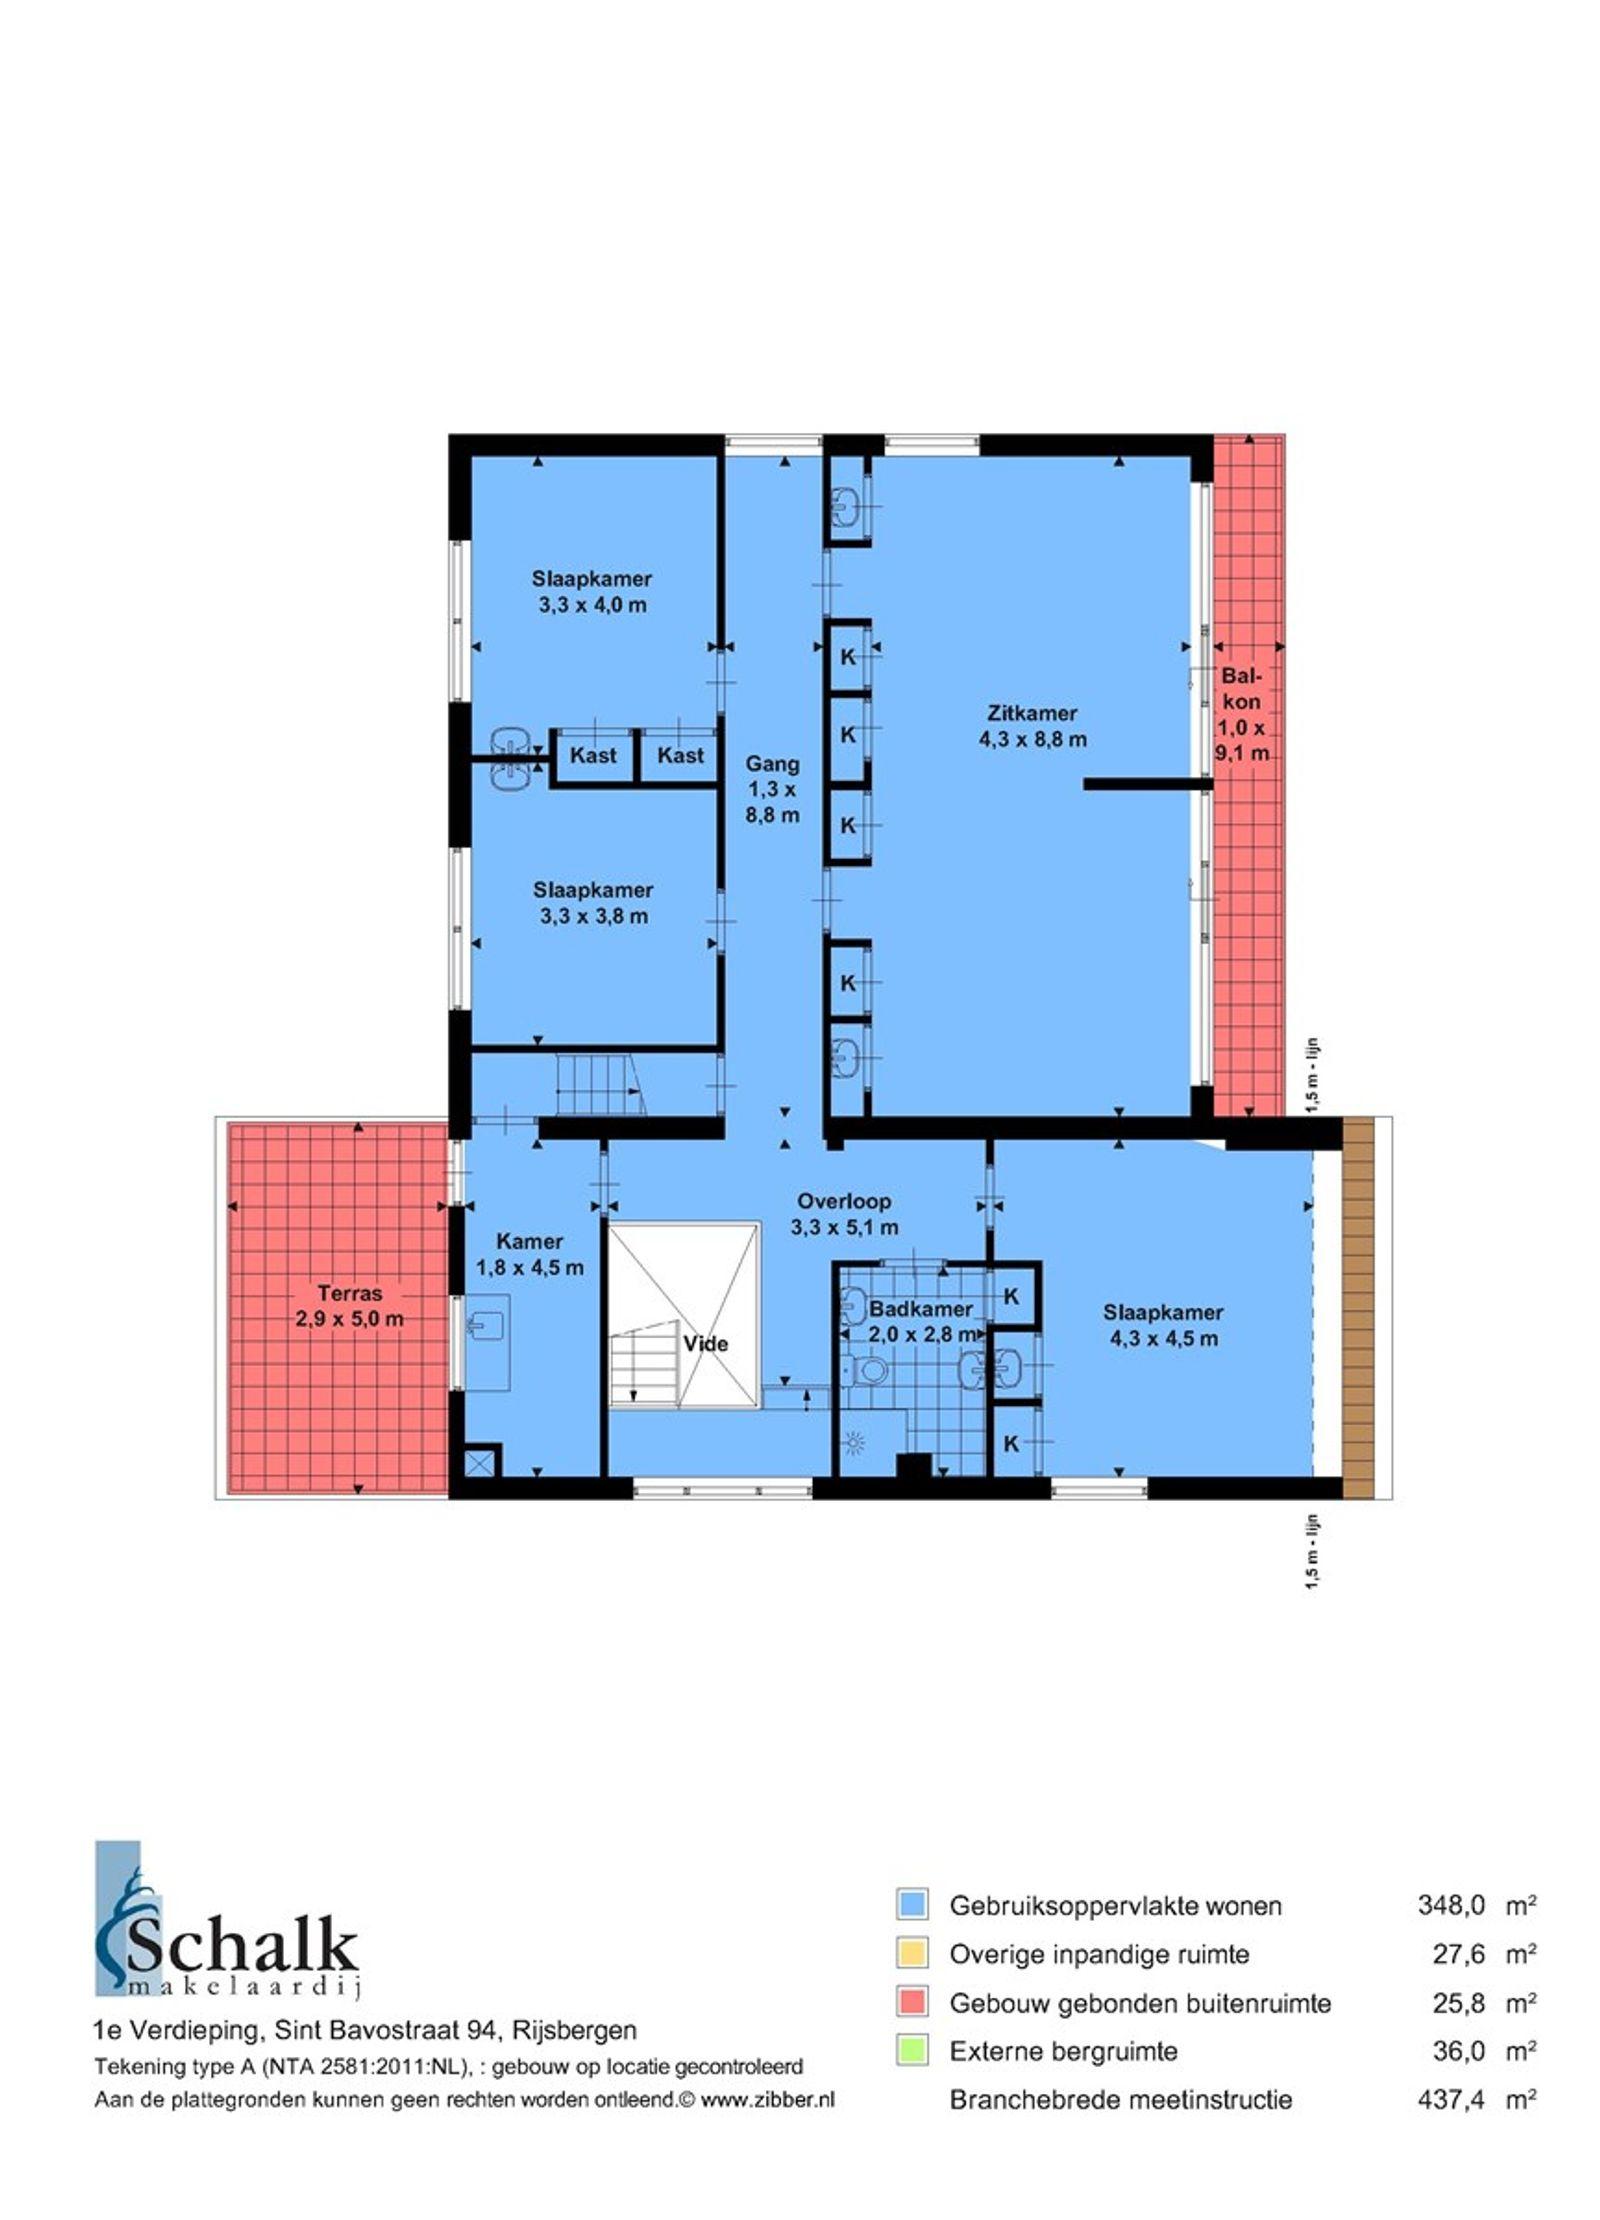 Op een gunstige locatie, midden in de dorpskern van Rijsbergen, staat deze vrijstaande woning met aanbouw en dubbele garage. Op loopafstand bereikt u het openbaar vervoer (bushalte) en alle andere dorpsvoorzieningen. Binnen circa 10 autominuten bereikt u de bruisende stad Breda.  Dankzij de verschillende leefruimten is de woning multifunctioneel te gebruiken. Op de begane grond is er een ruime woonkamer met veel lichtinval en een leefkeuken. Ook is er een grote kelder, een praktische bijkeuken en een badkamer. De eerste verdieping heeft vijf kamers, waarvan er nu drie in gebruik zijn als slaapkamers,  een als woonkamer en een als bijkeuken. Middels een vaste trap bereikt u een ruime zolder met veel mogelijkheden.  De woning heeft een verzorgd aangelegde voortuin en een verrassende diepe achtertuin voorzien van een terras, een gazon en diverse bomen.  BEGANE GROND Zijentree/hal met toegang tot de kelder, toiletruimte, woonkamer, keuken, bijkeuken, slaapkamer, badkamer en vaste trap naar de eerste verdieping. Afwerking- Marmeren vloer,  schoonmetselwerk wanden en een houten schroten plafond met spotverlichting. Meterkast- 12 groepen, aardlekschakelaars en 3 krachtstroomgroepen.  Toiletruimte uitgerust met een fonteintje. Afwerking- tegelvloer, deels wandtegels met daarboven stucwerk en een stucwerk plafond.  Zeer ruime L-vormige woonkamer met grote raampartijen, open haard, convectorput, schuifdeur aan de achterzijde naar de achtertuin, schuifdeur naar zijterras en toegang tot de woonkeuken. Afwerking- parket vloer, granol wanden en stucwerk plafond met spotverlichting.  Woonkeuken in rechte opstelling (bouwjaar 2016) uitgerust met een kunststof werkblad, 1¼ spoelbak, vaatwasser, inductiekookplaat, RVS-afzuigkap en een heteluchtoven.  Afwerking- tegelvloer, deels houten schroten. deels betegelde wanden en deels stucwerk wanden.  Het plafond is afgewerkt met stucwerk.   Bijkeuken met een keukenblok incl. spoelbak, cv-opstelling en aansluitingen voor de wasmachine en dr